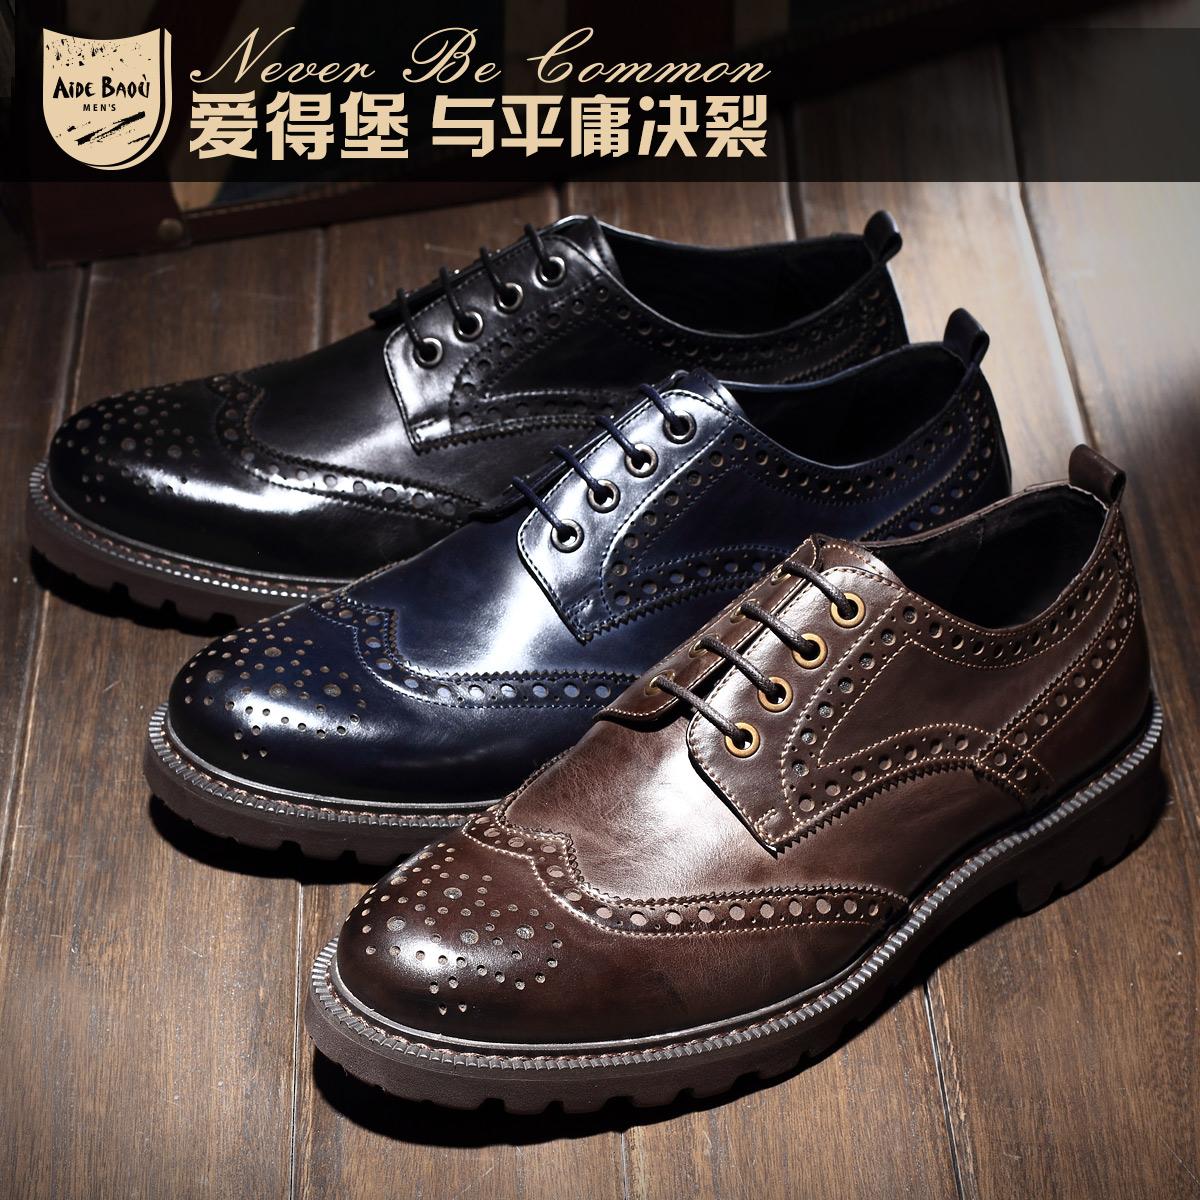 预售爱得堡布洛克男鞋复古手工真皮雕花系带牛津鞋英伦休闲皮鞋男